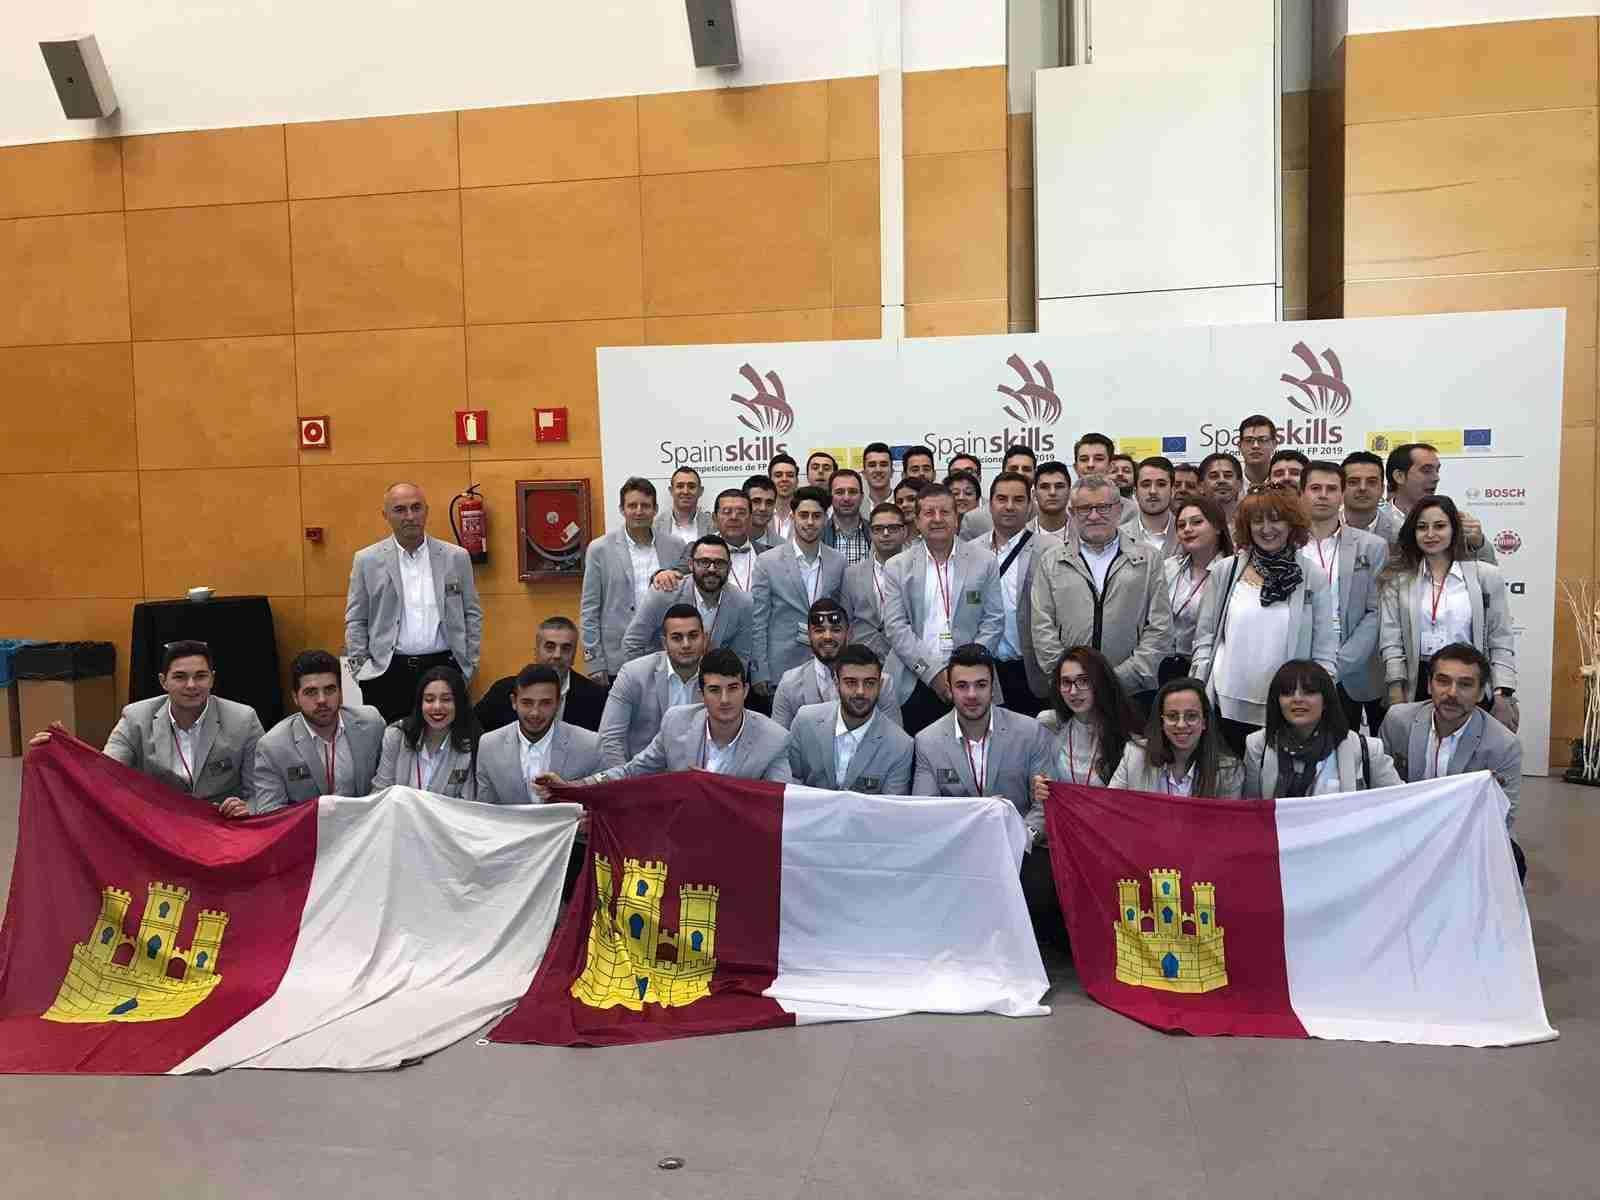 El Gobierno regional felicita a los estudiantes de FP que han demostrado su cualificación y la excelencia de su formación en las 'Spainskills 2019' celebradas en Aula 3